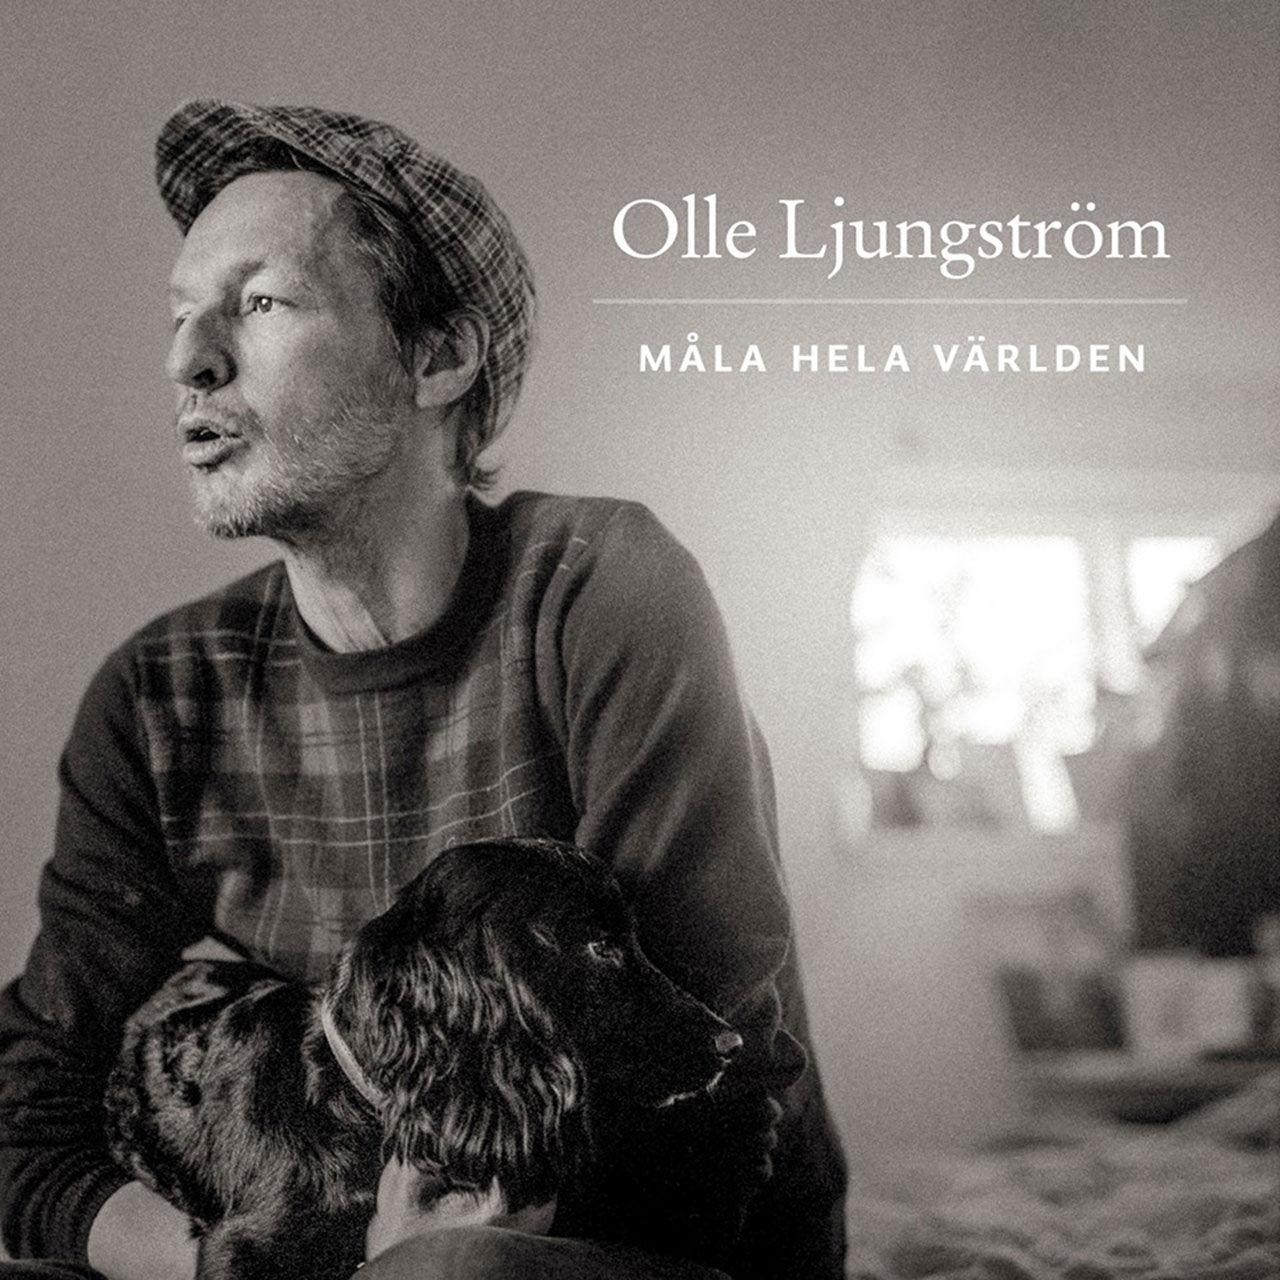 Nytt album från Olle Ljungström